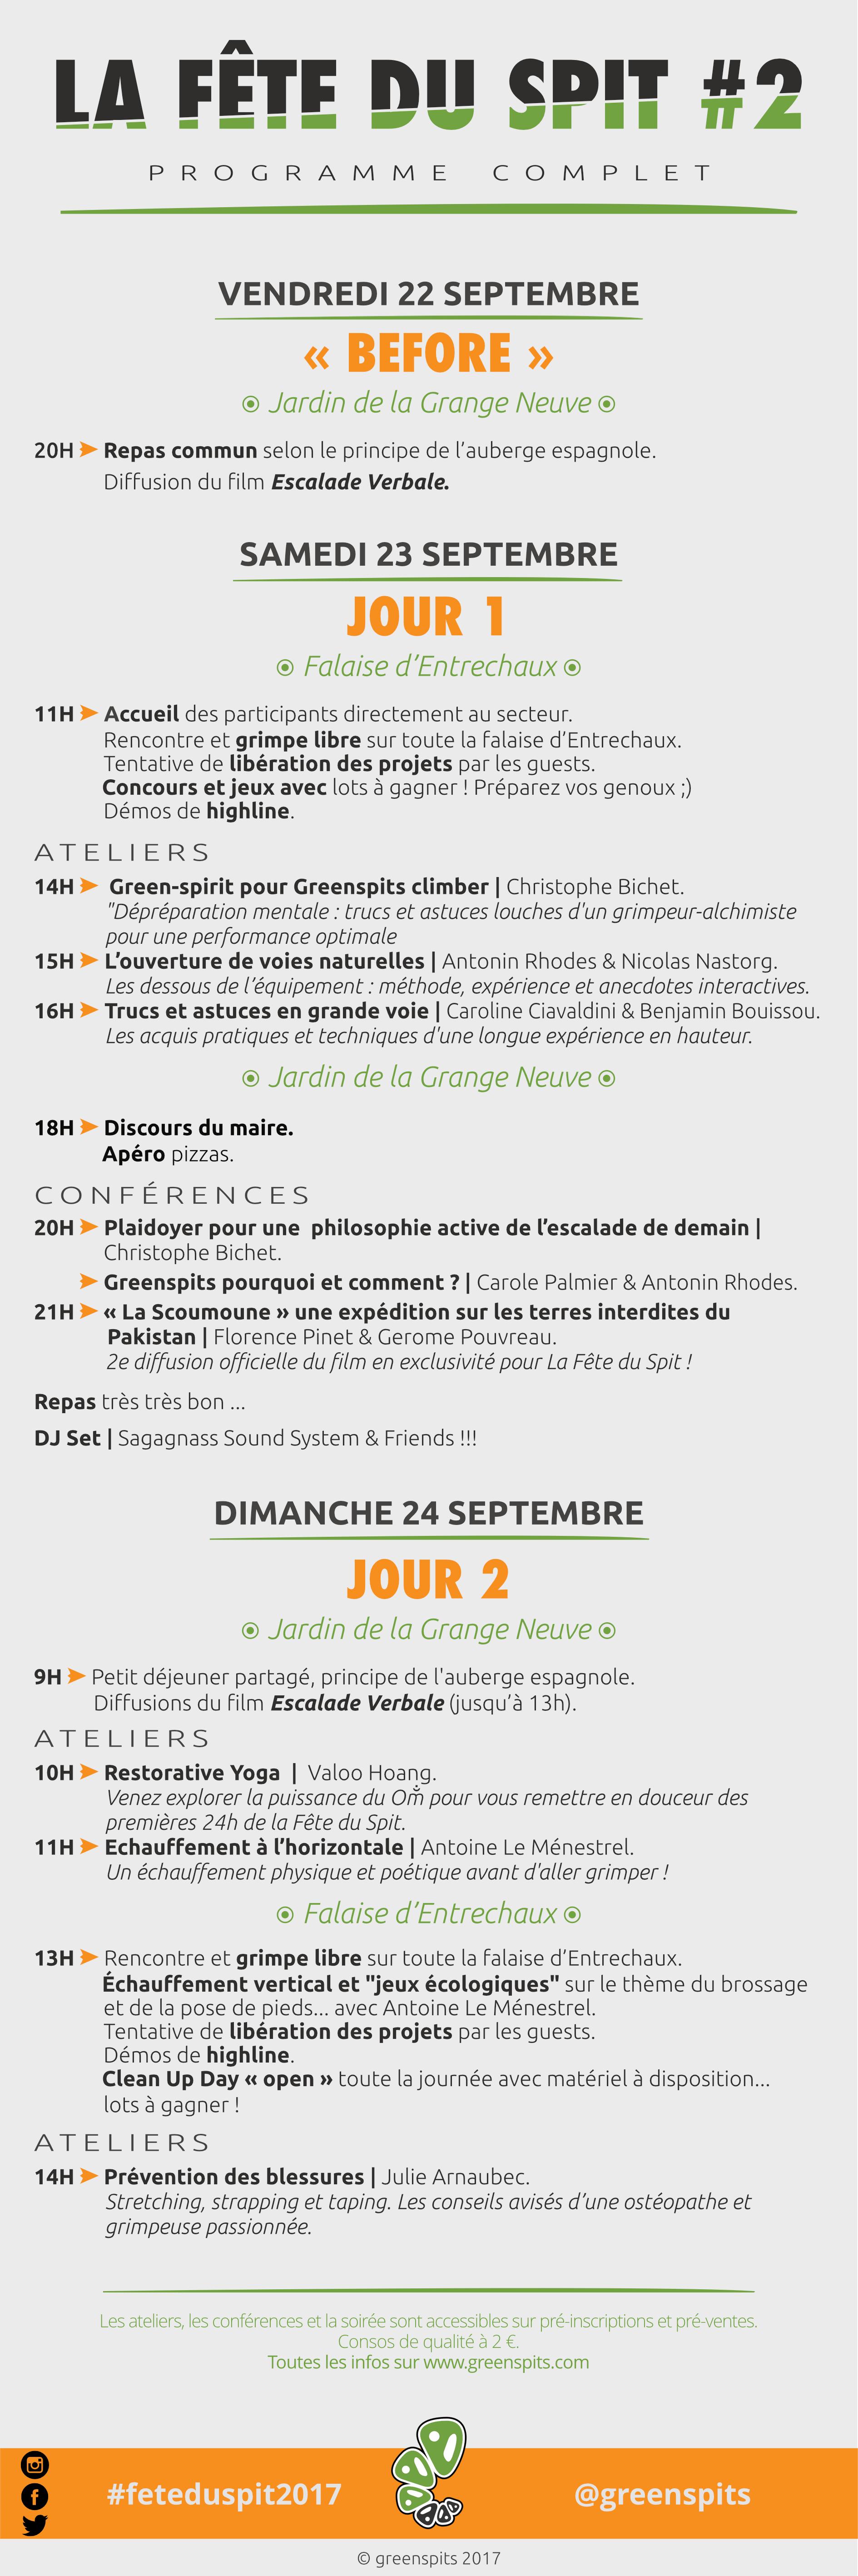 programme officiel fête du spit #2 2017 Greenspits